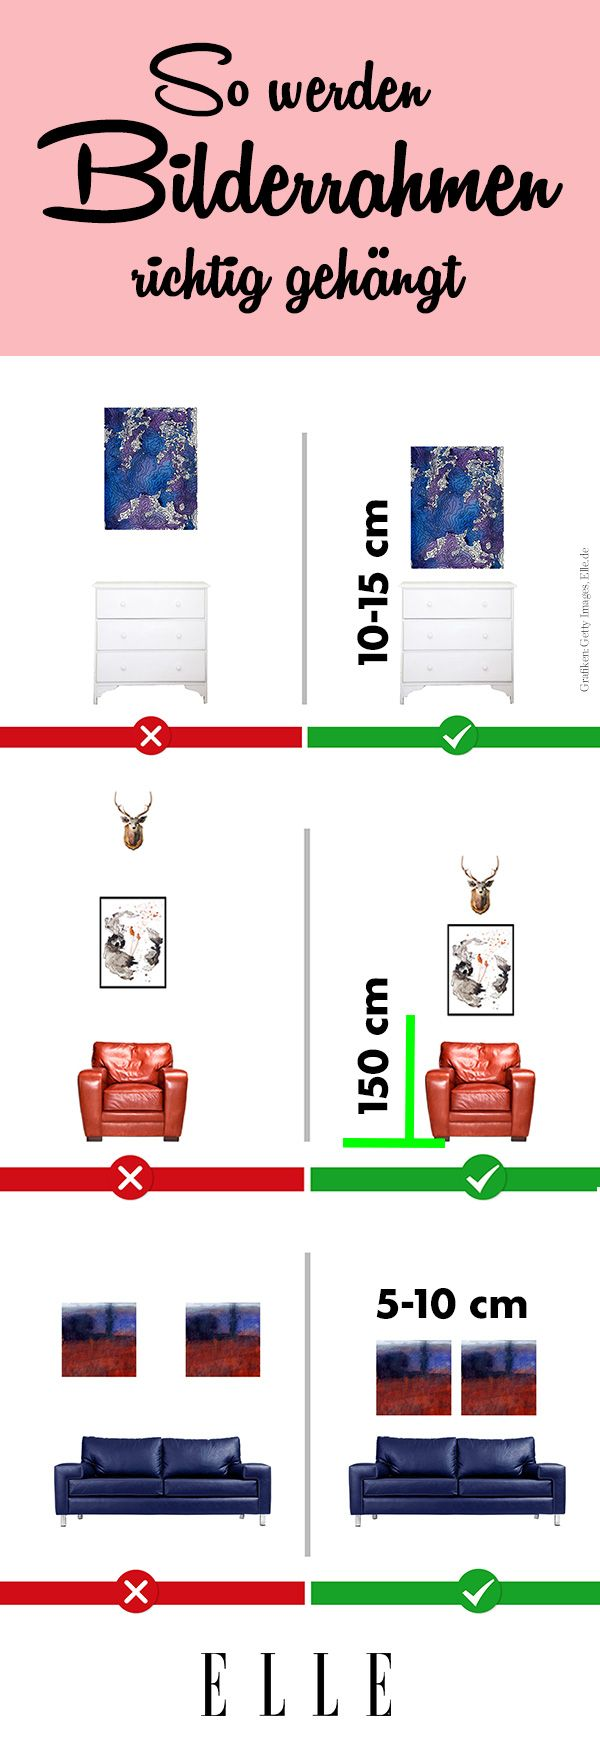 Bilder aufhängen: So findest du die ideale Höhe